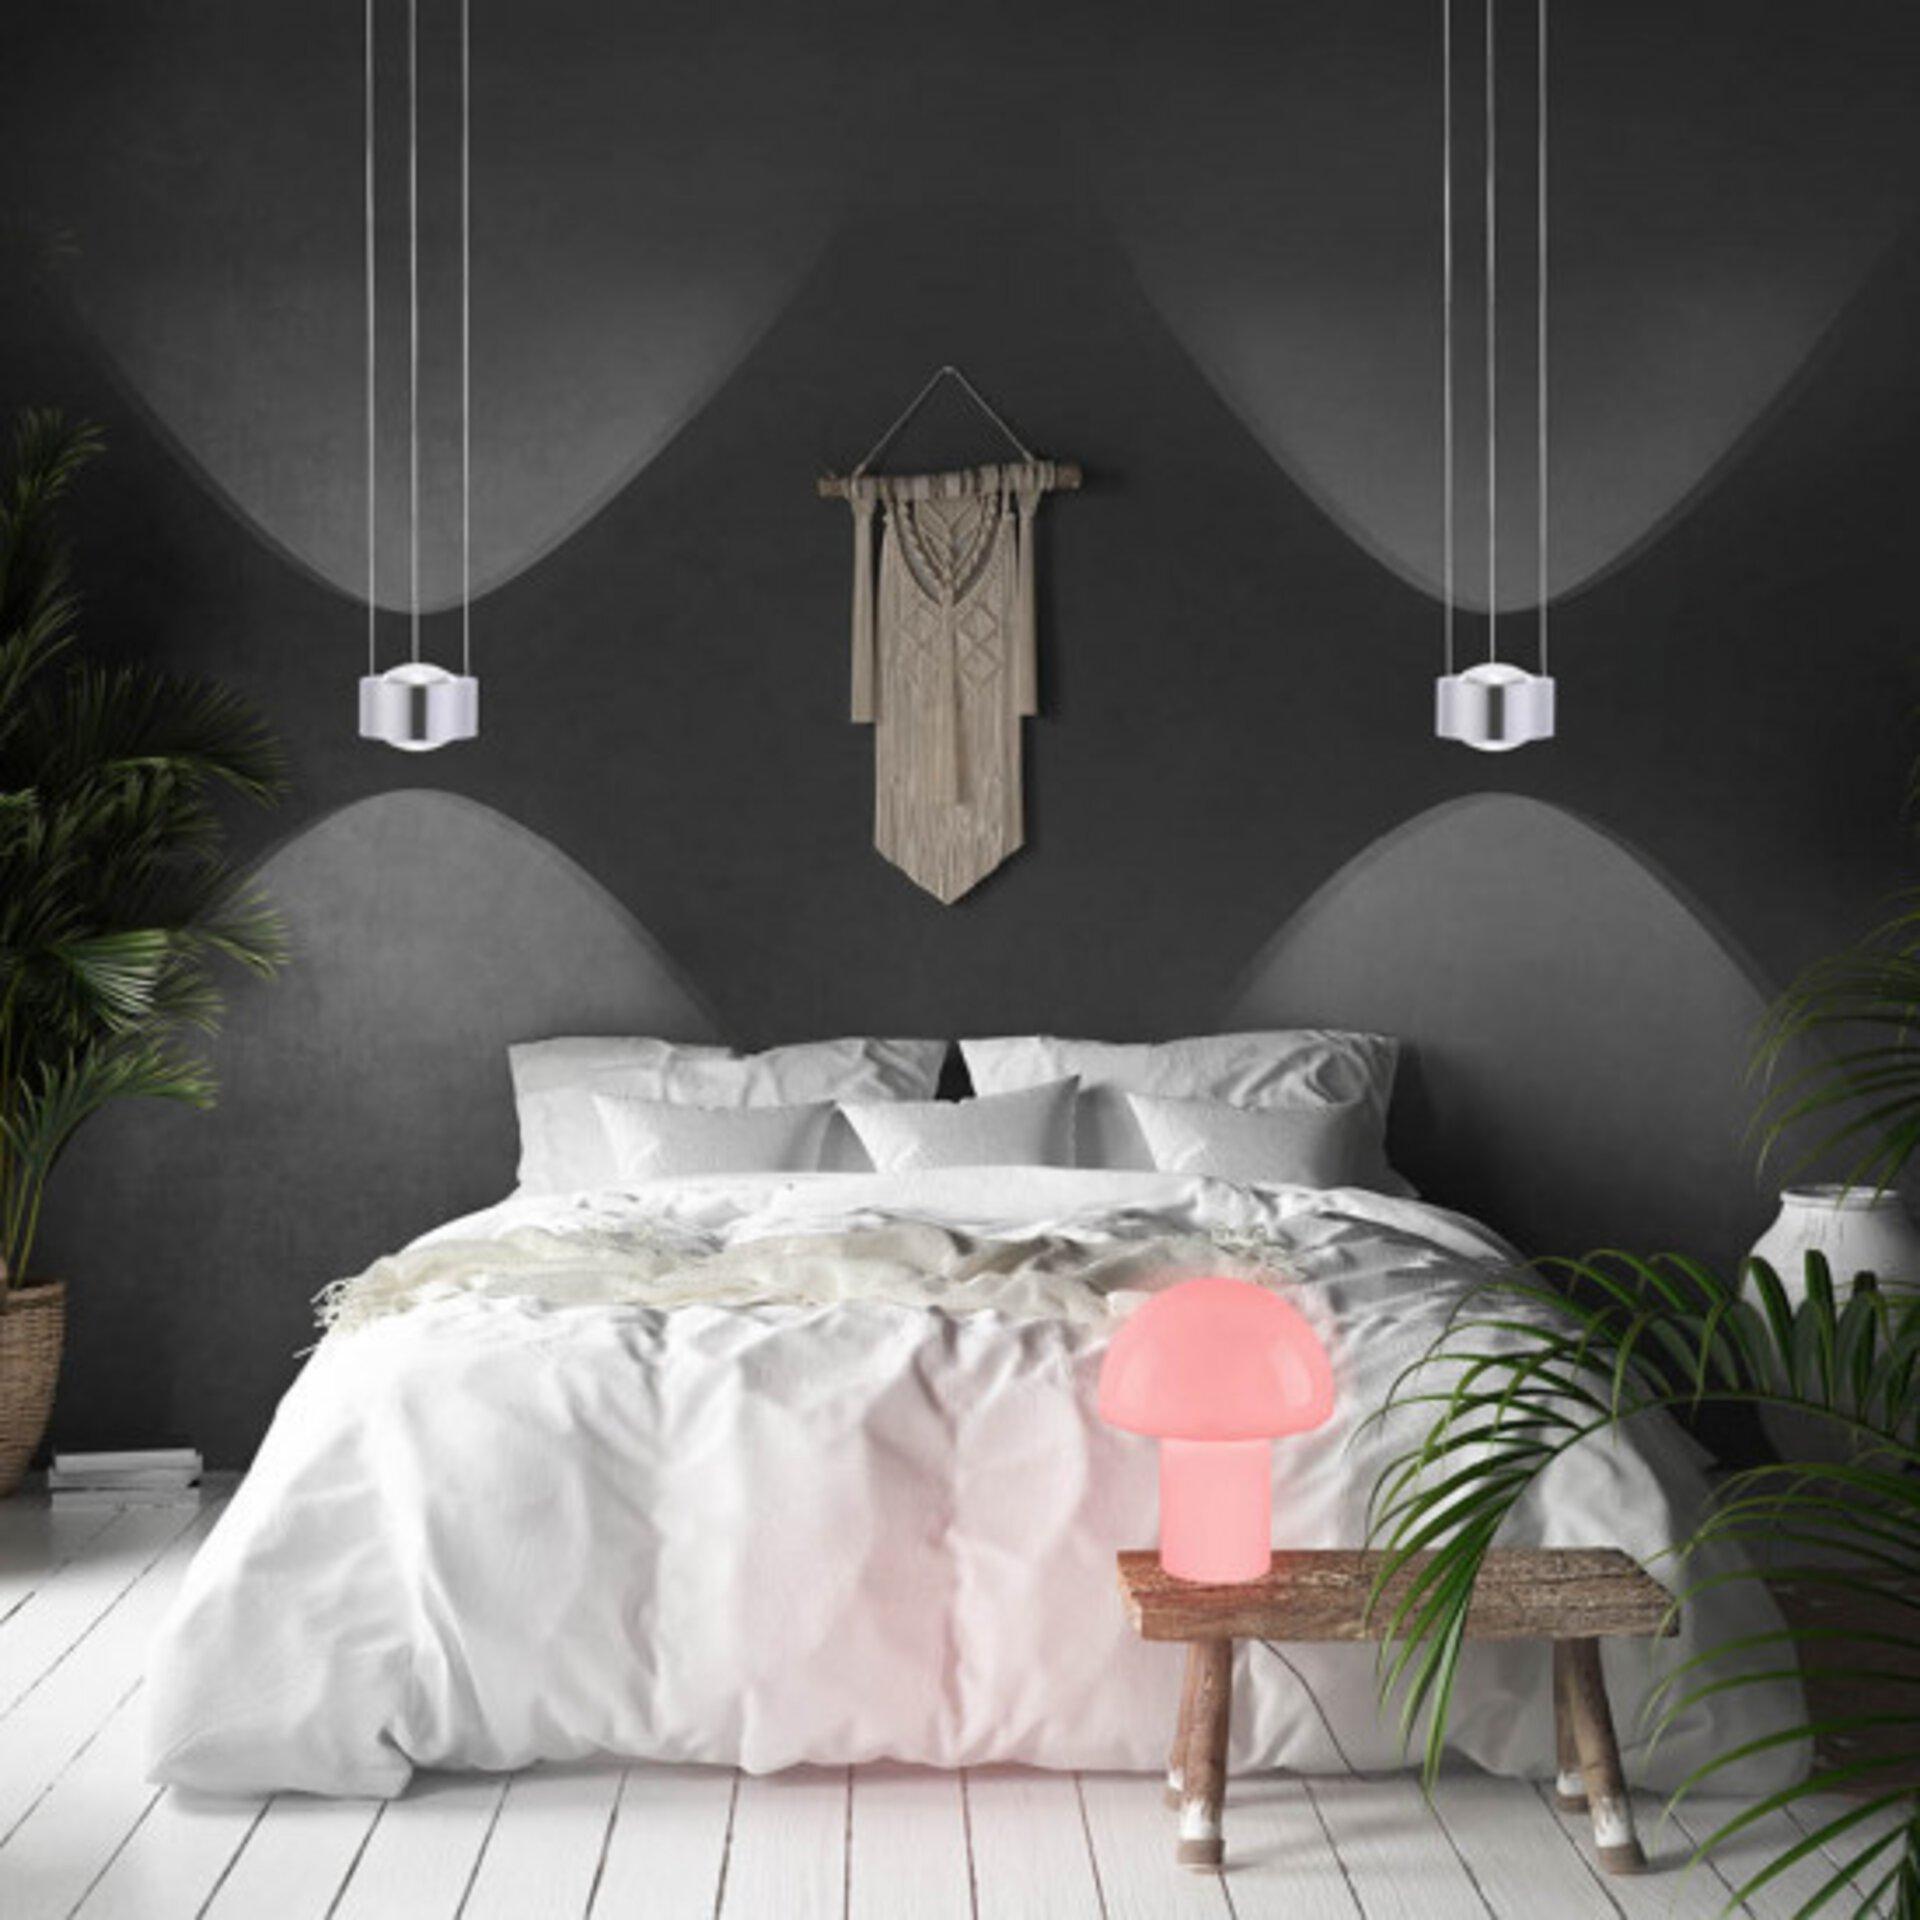 Smart-Home-Leuchten Q-LIDO Paul Neuhaus Metall weiß 22 x 27 x 22 cm